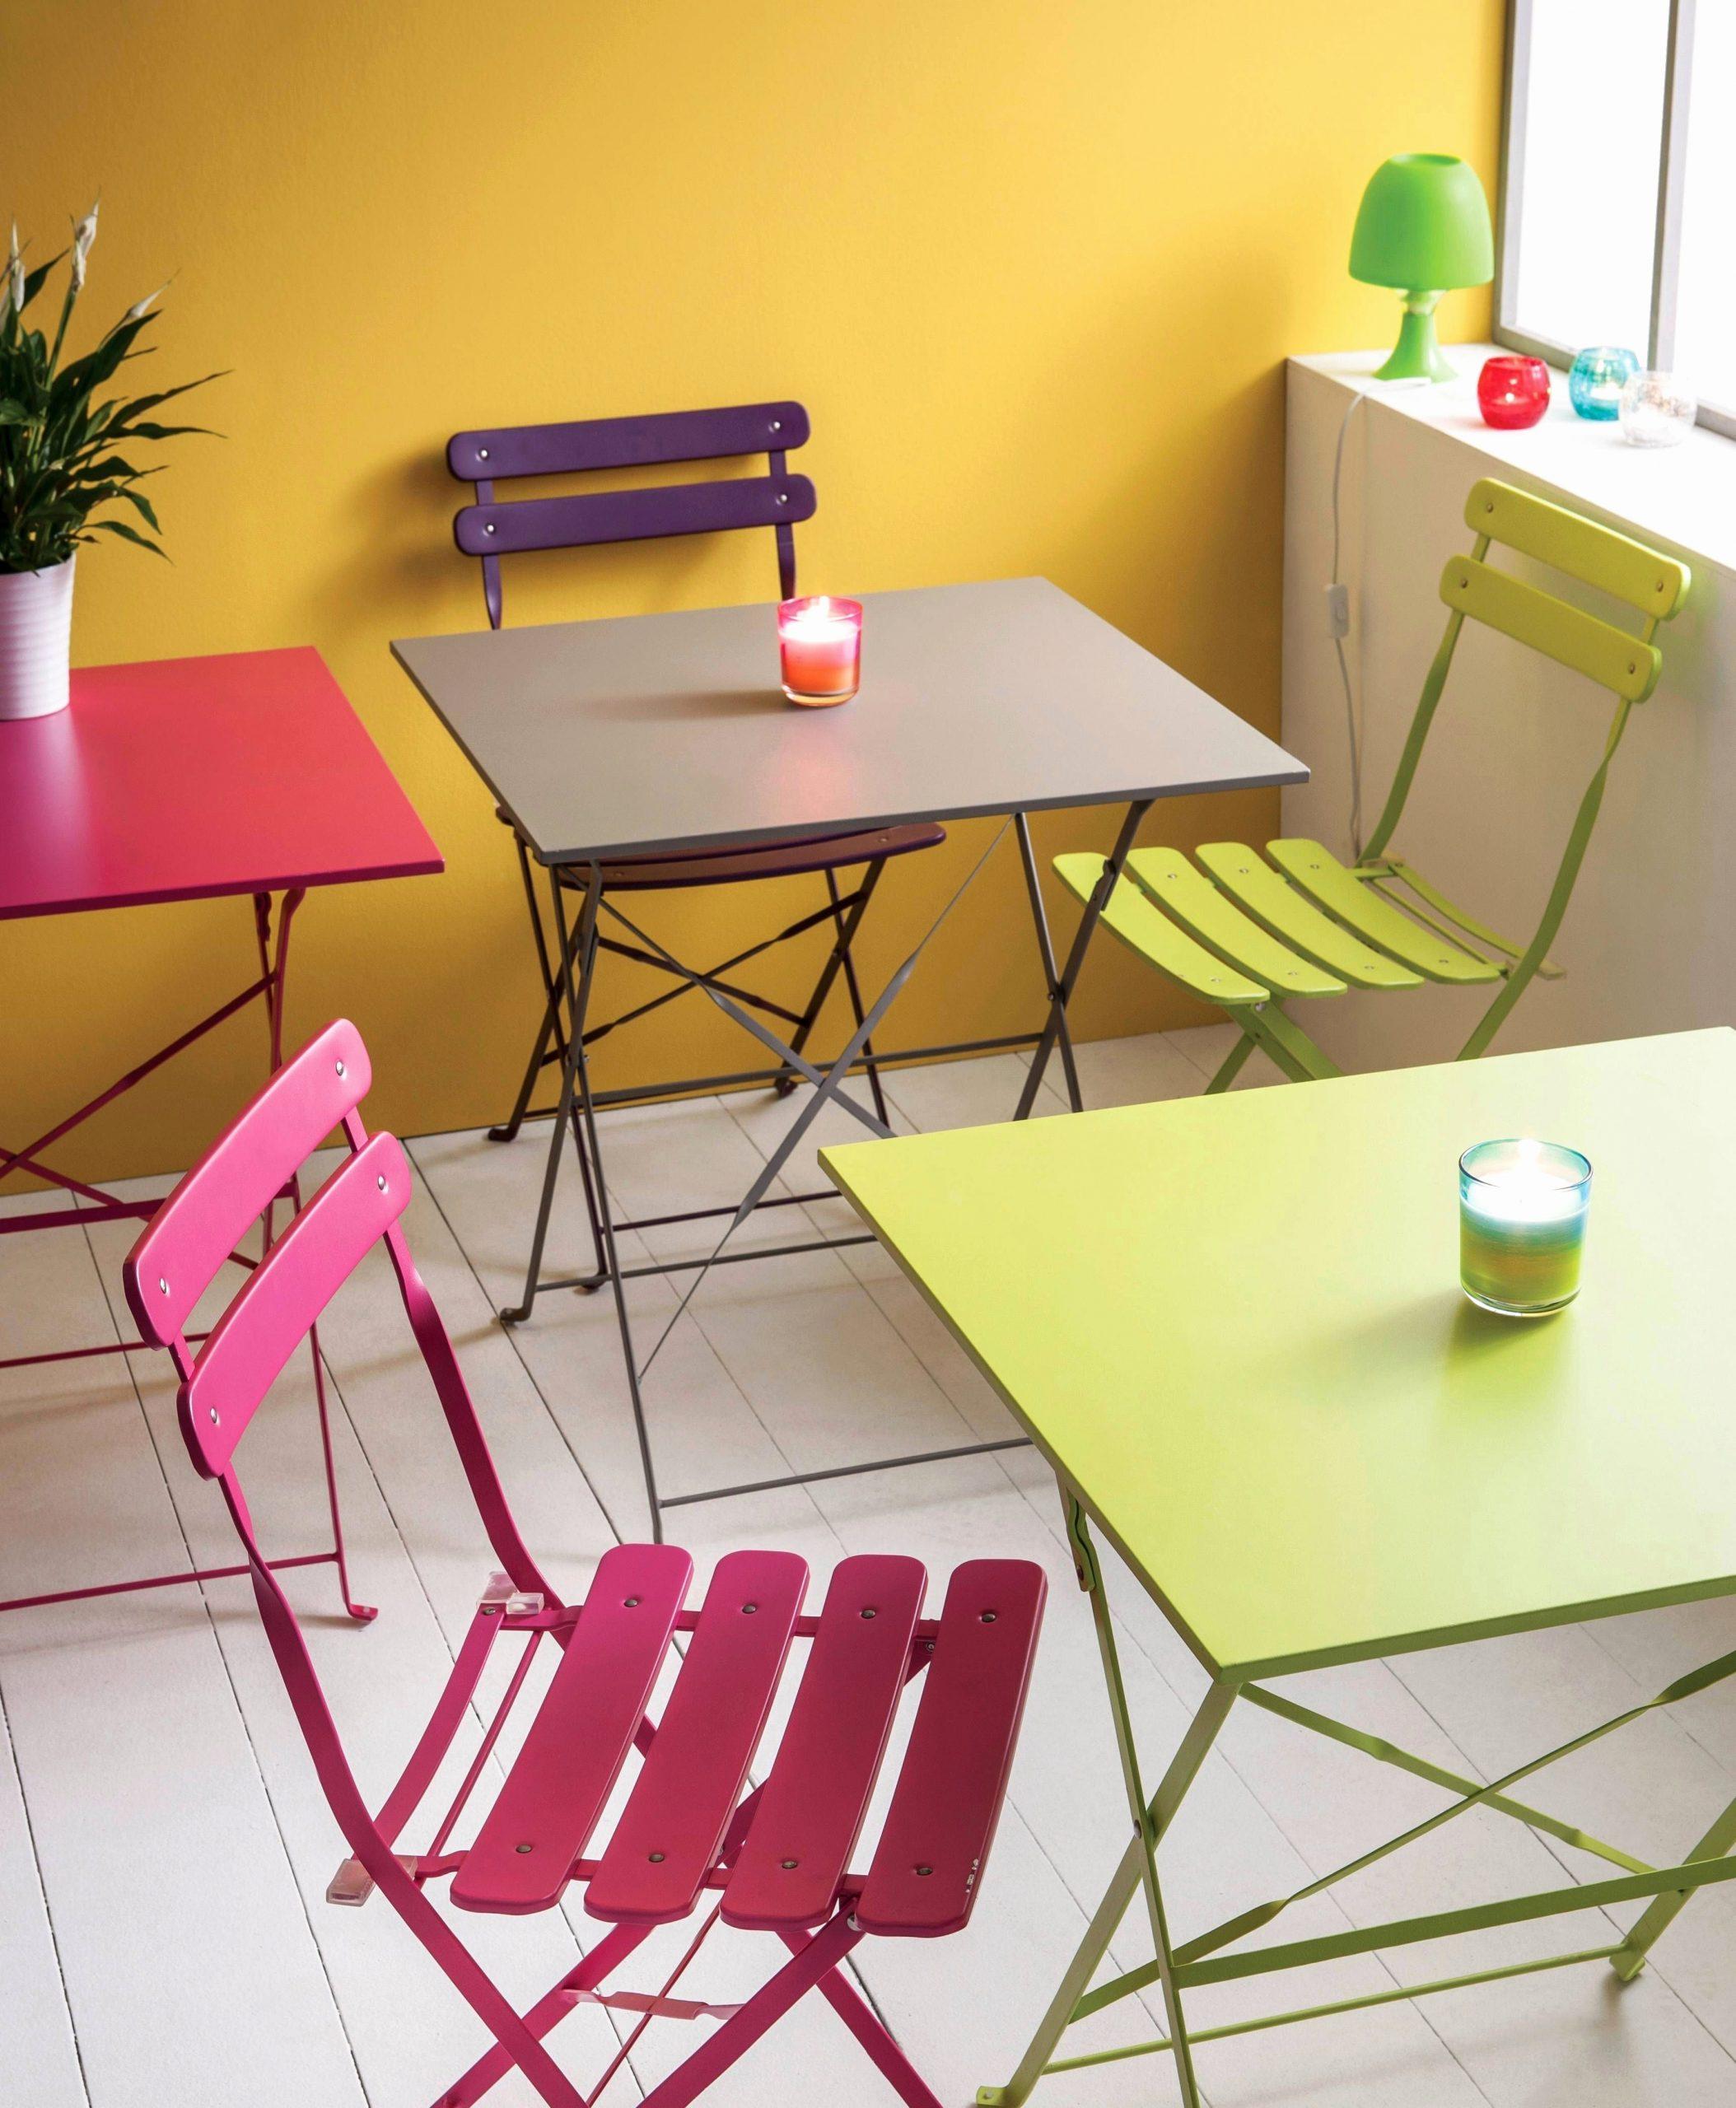 Salon De Jardin En Soldes Leclerc Nouveau Leclerc Table ... pour Table De Jardin Magasin Leclerc